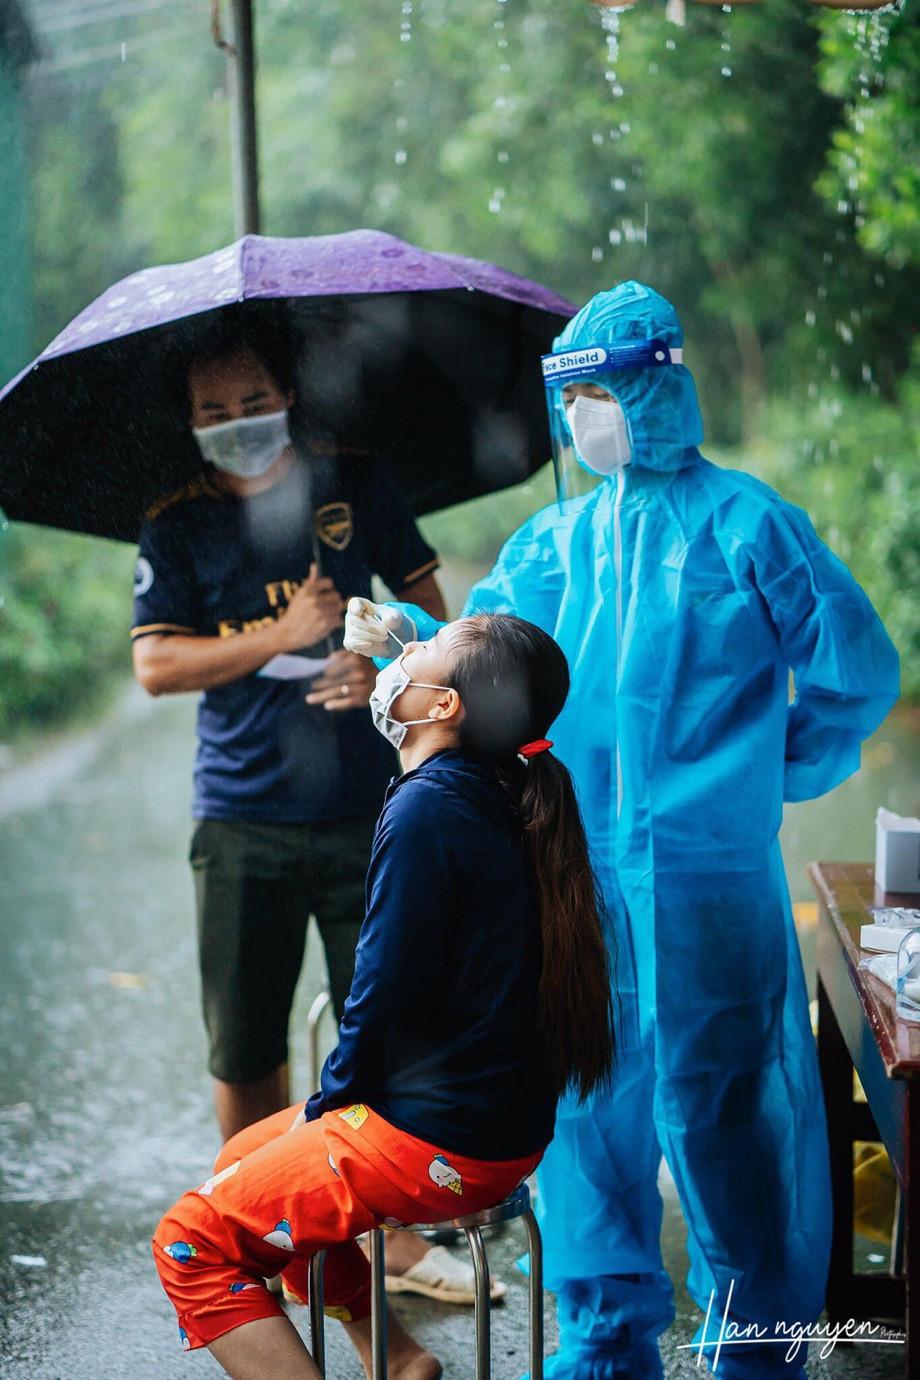 Tan chảy hình ảnh nhảy múa dưới mưa của đôi tình nguyện viên chống dịch - 2